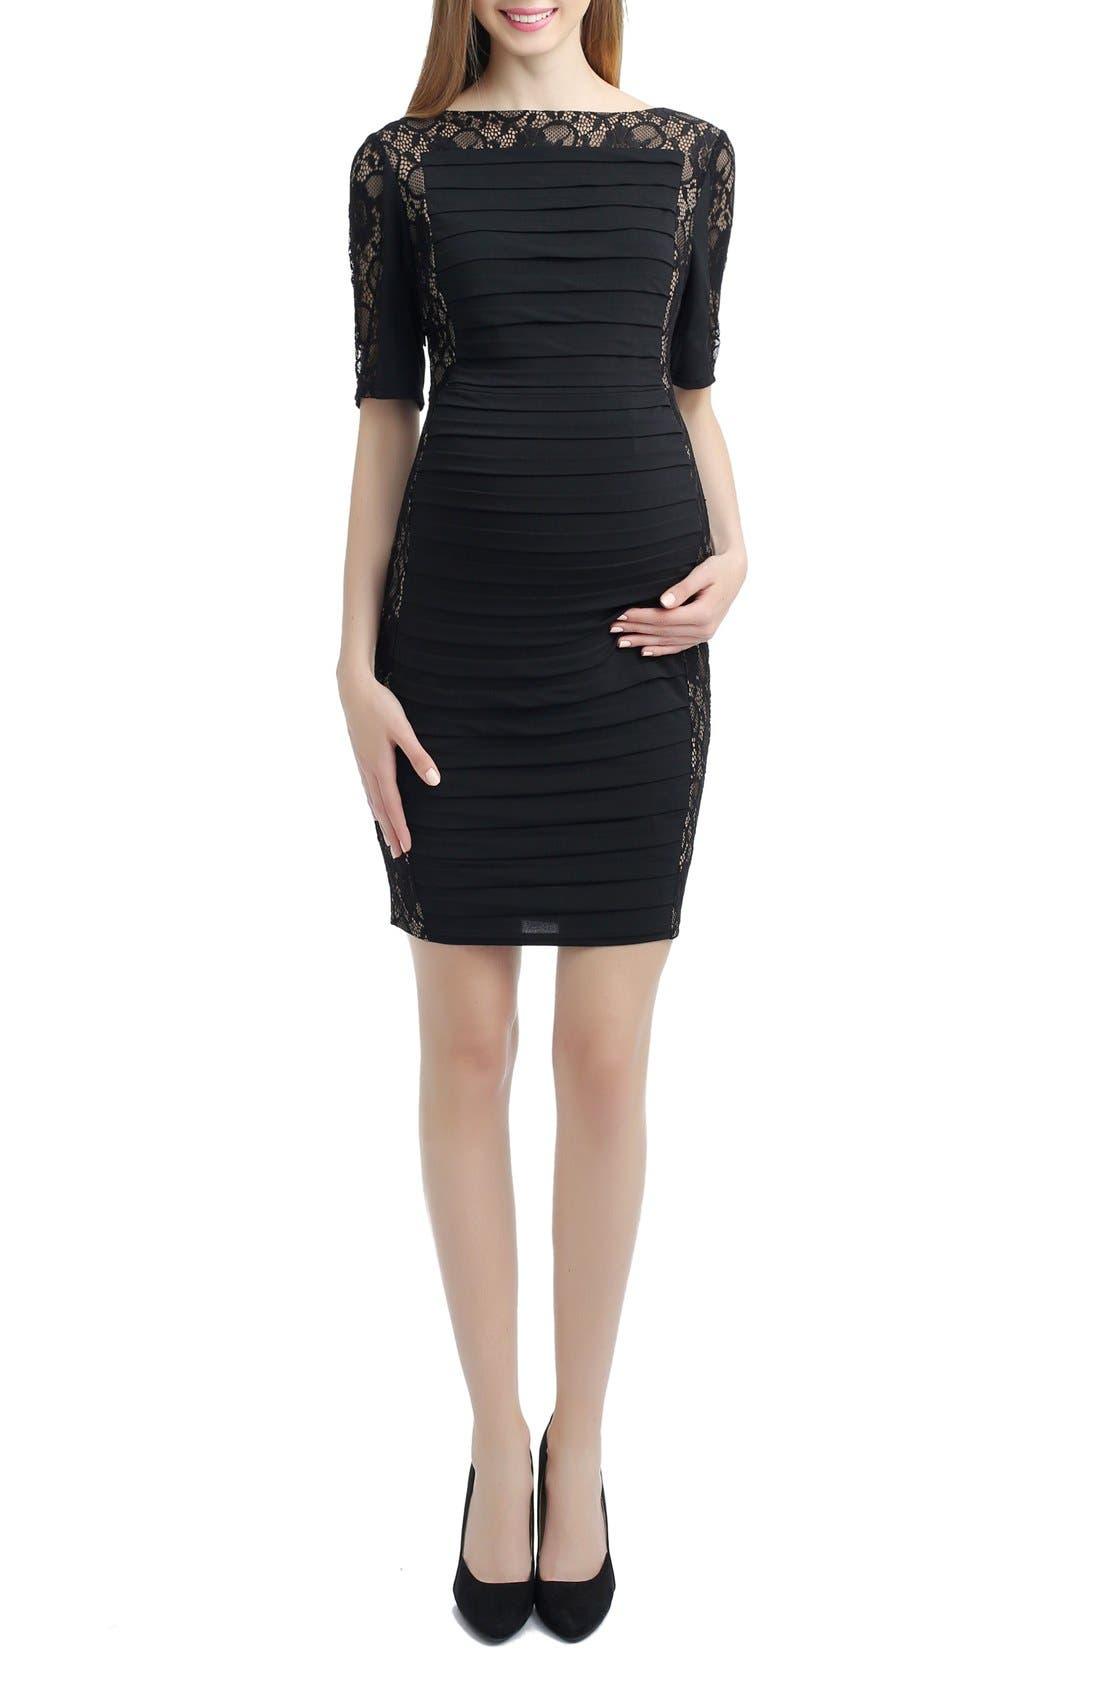 Estelle Lace Maternity Dress,                             Main thumbnail 1, color,